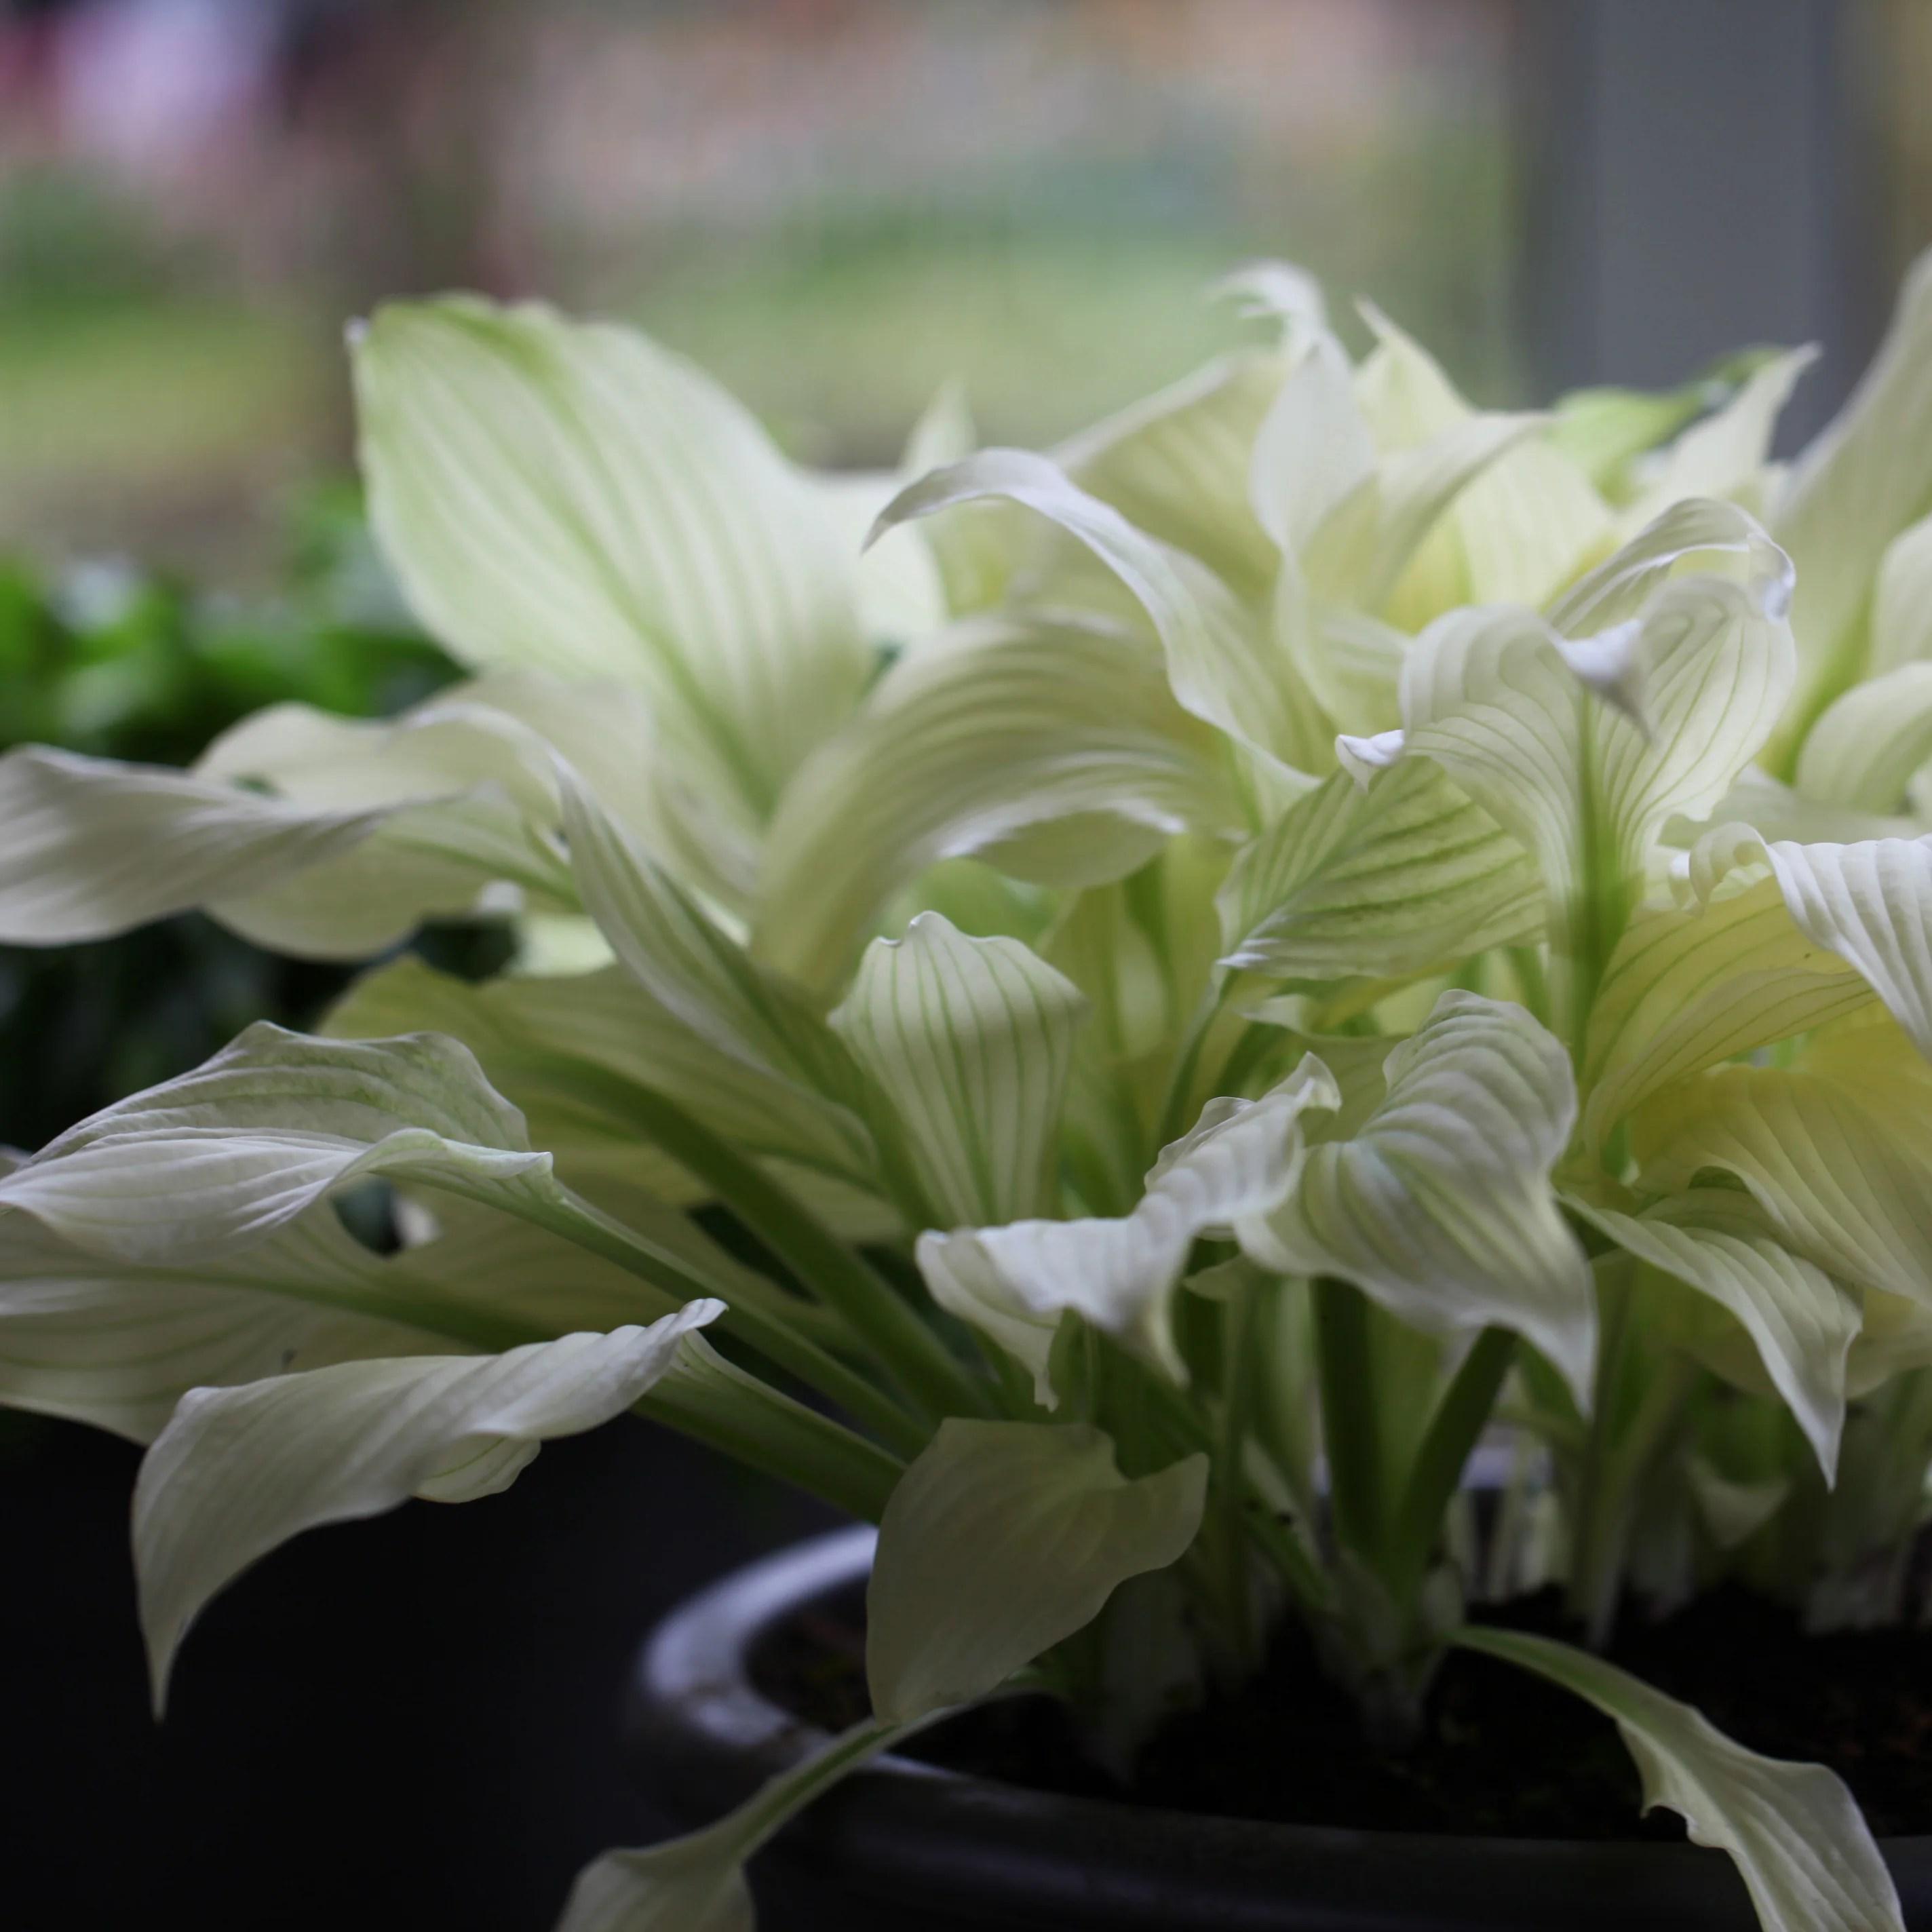 Fullsize Of White Feather Hosta